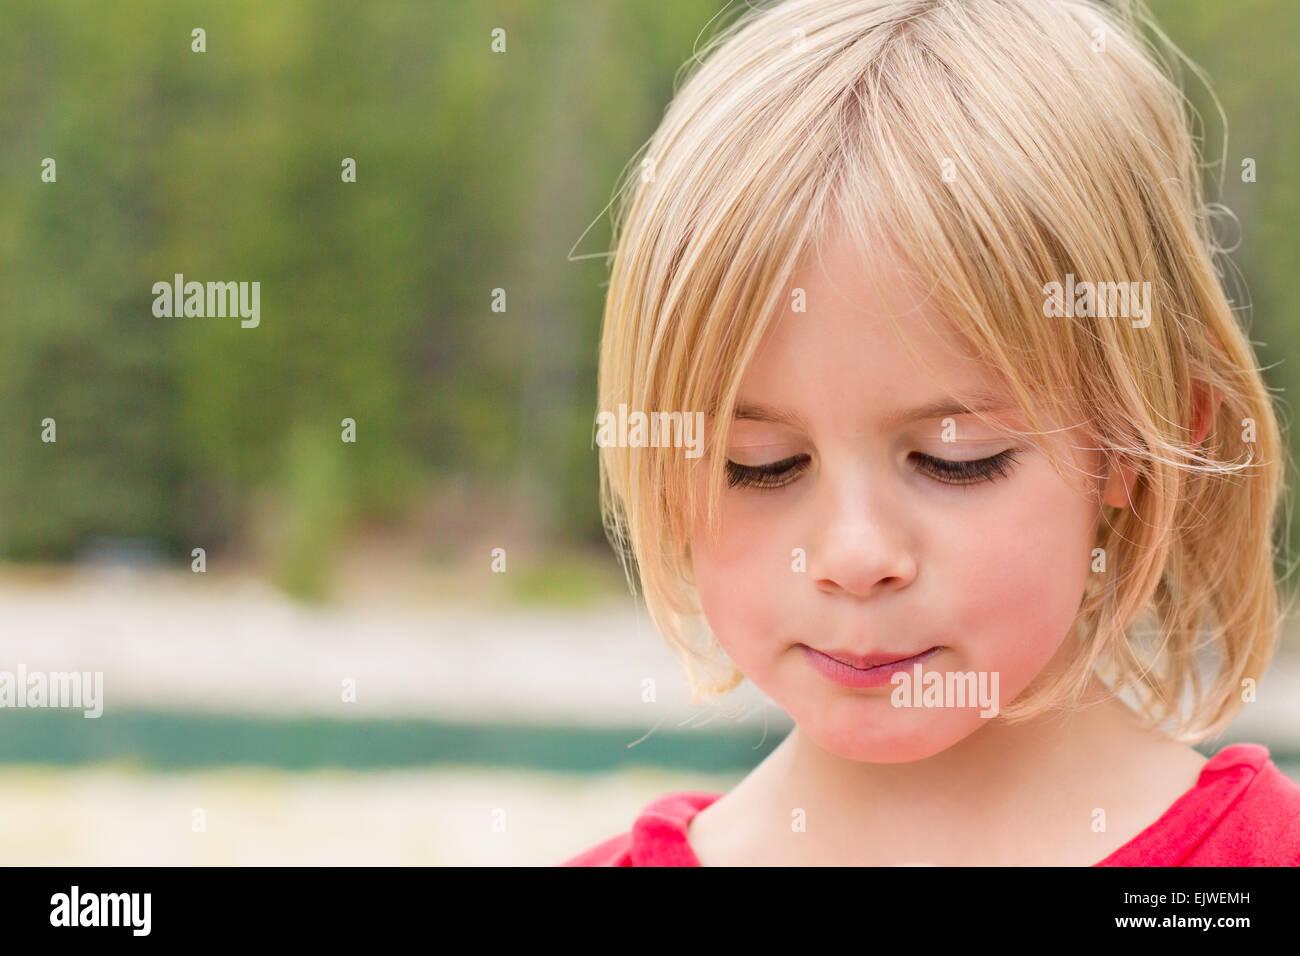 Petite fille timide à la recherche vers le bas avec un regard timide Photo Stock